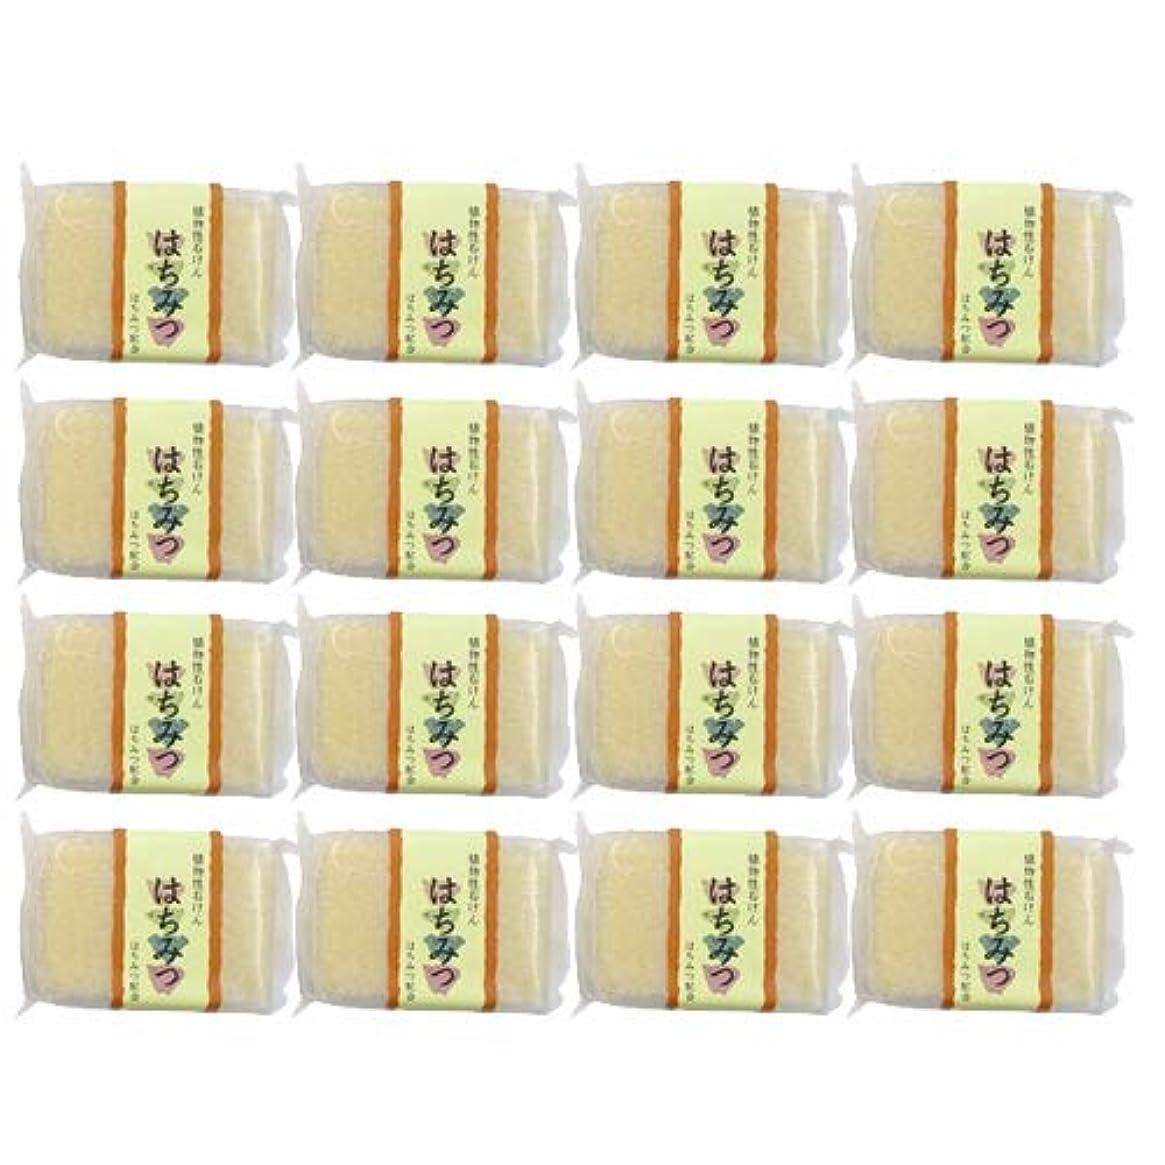 毒液シェルター飲料植物性ソープ 自然石けん はちみつ 80g ×16個